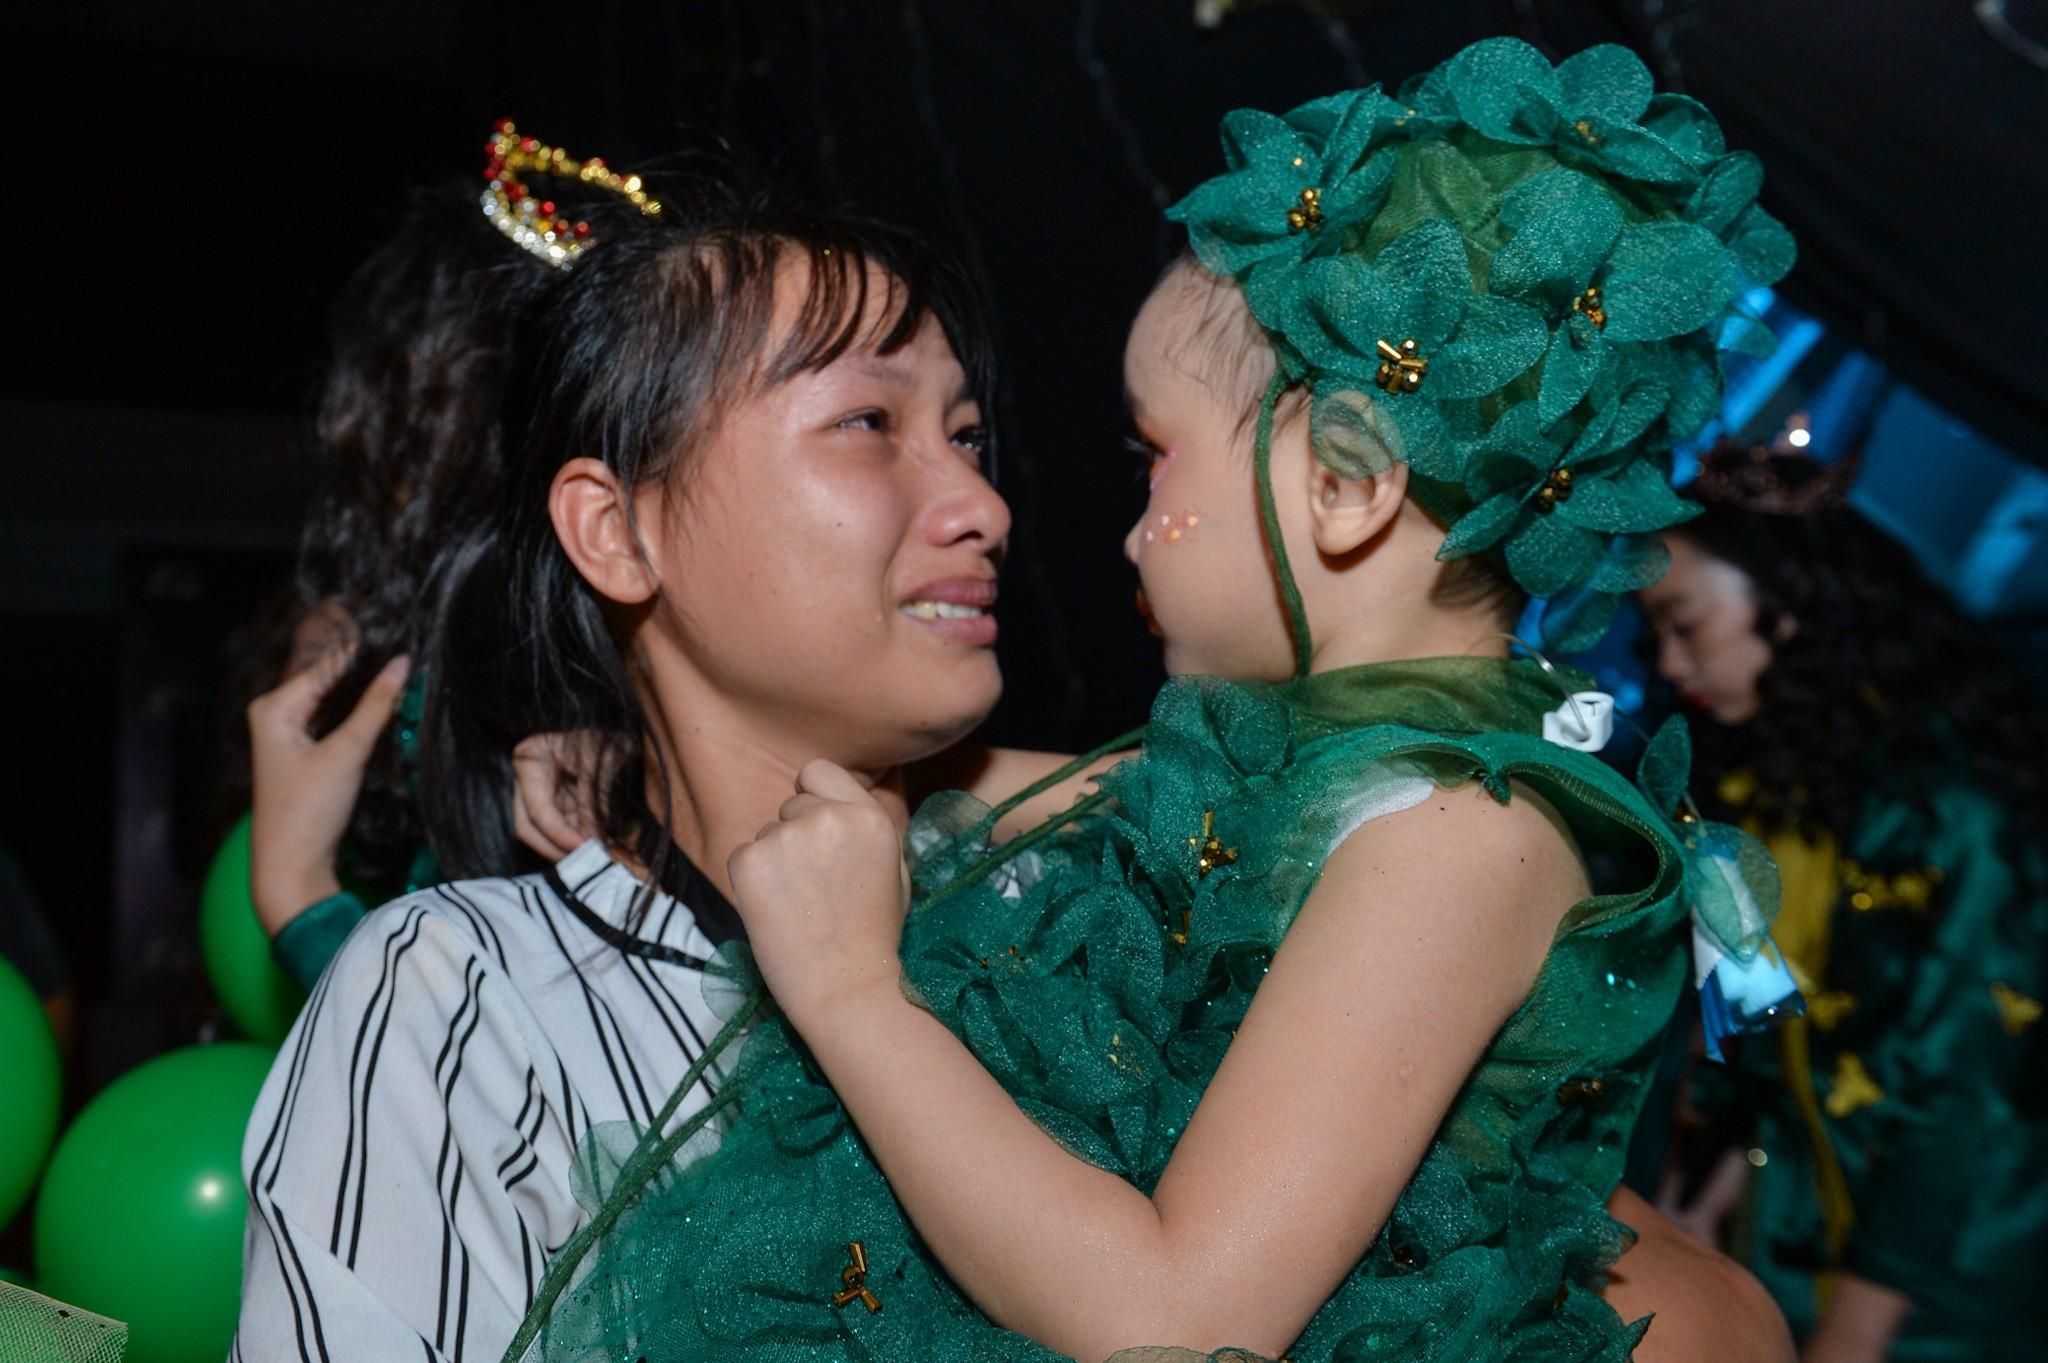 Khán giả rơi nước mắt khi H'Hen Niê bế mẫu nhí bị ung thư lên sàn diễn 3